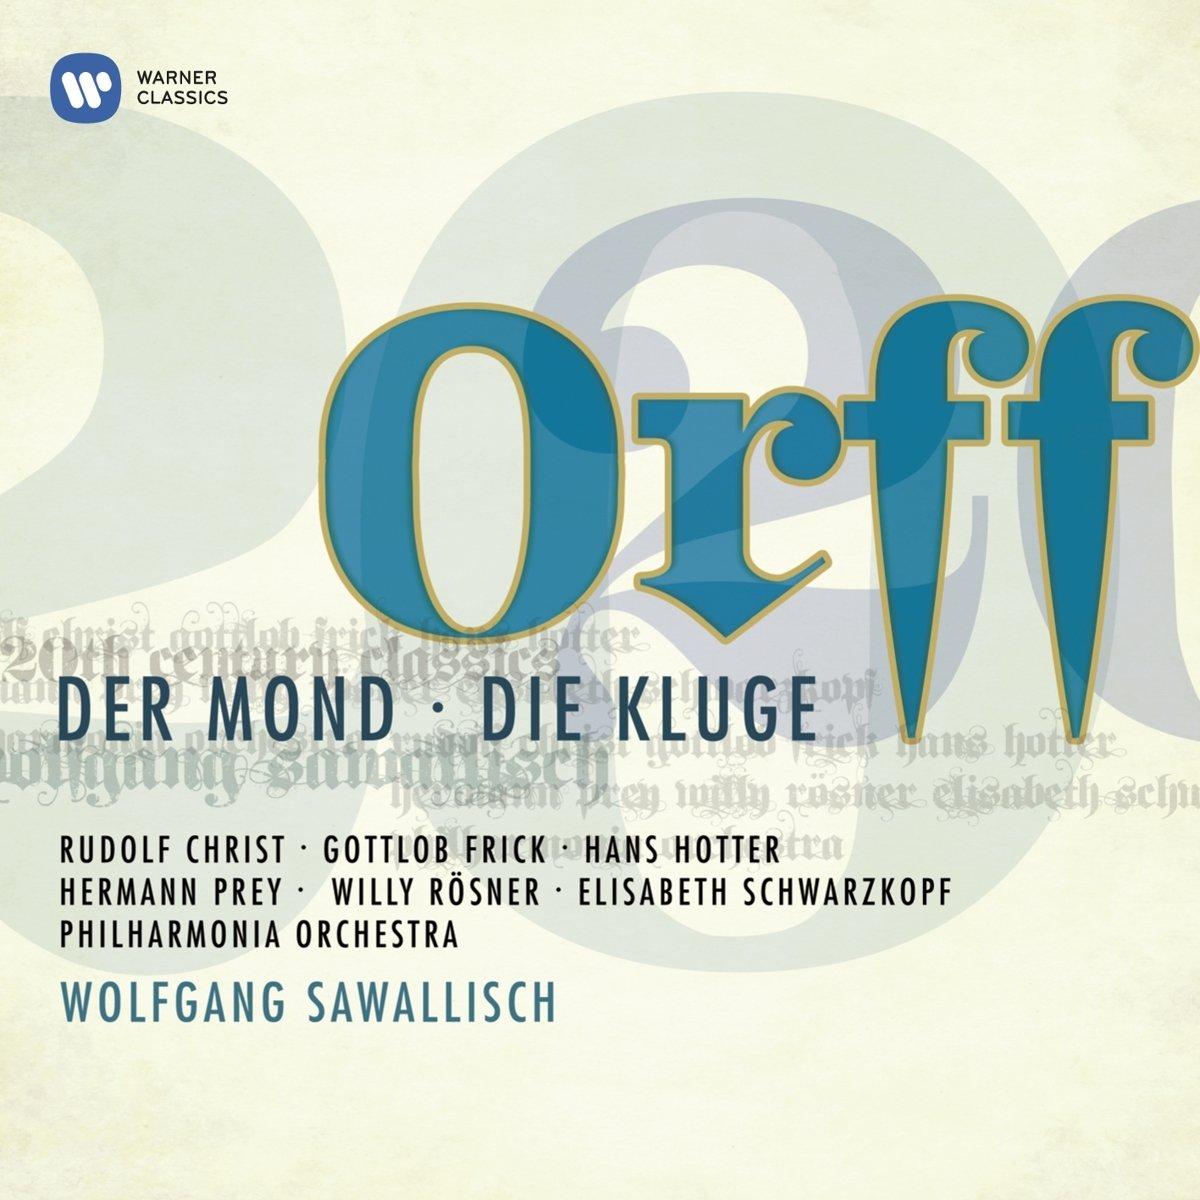 Orff - Der Mond / Die Kluge (20th Century Classics Series)